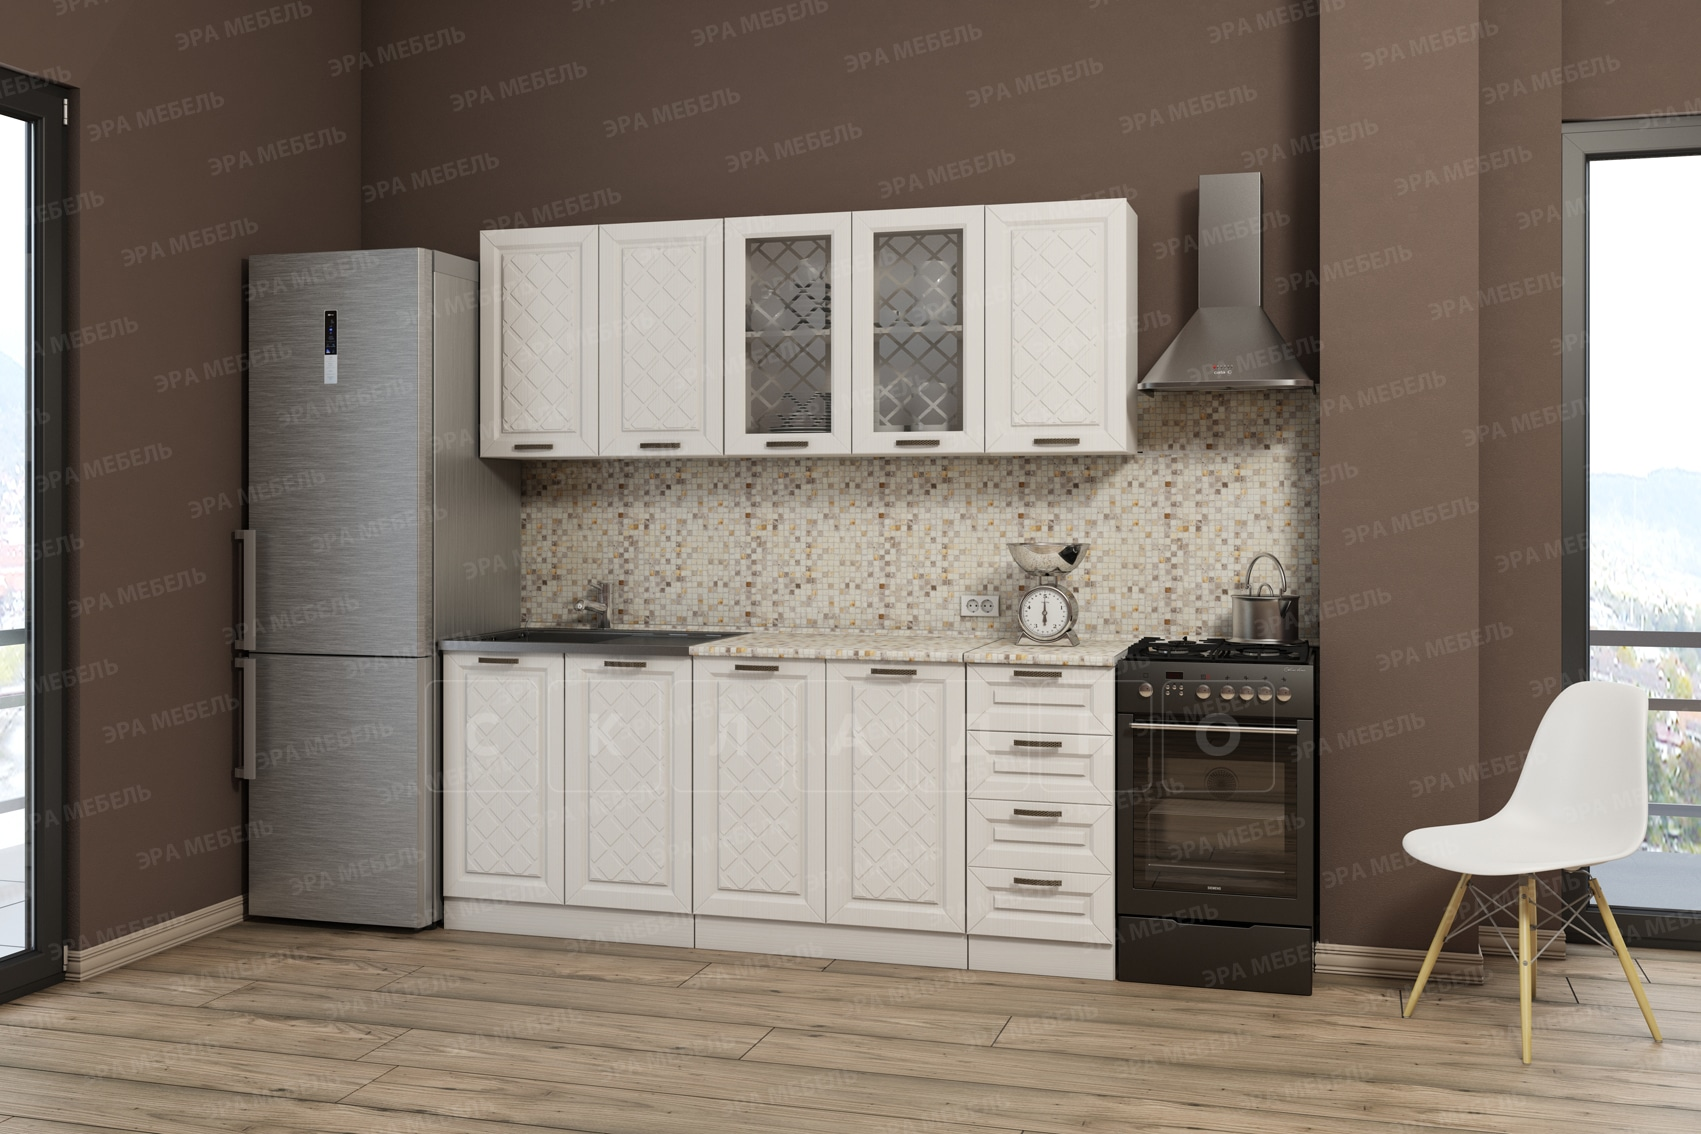 Кухонный гарнитур Агава 2,0 м вариант 3 фото 1 | интернет-магазин Складно